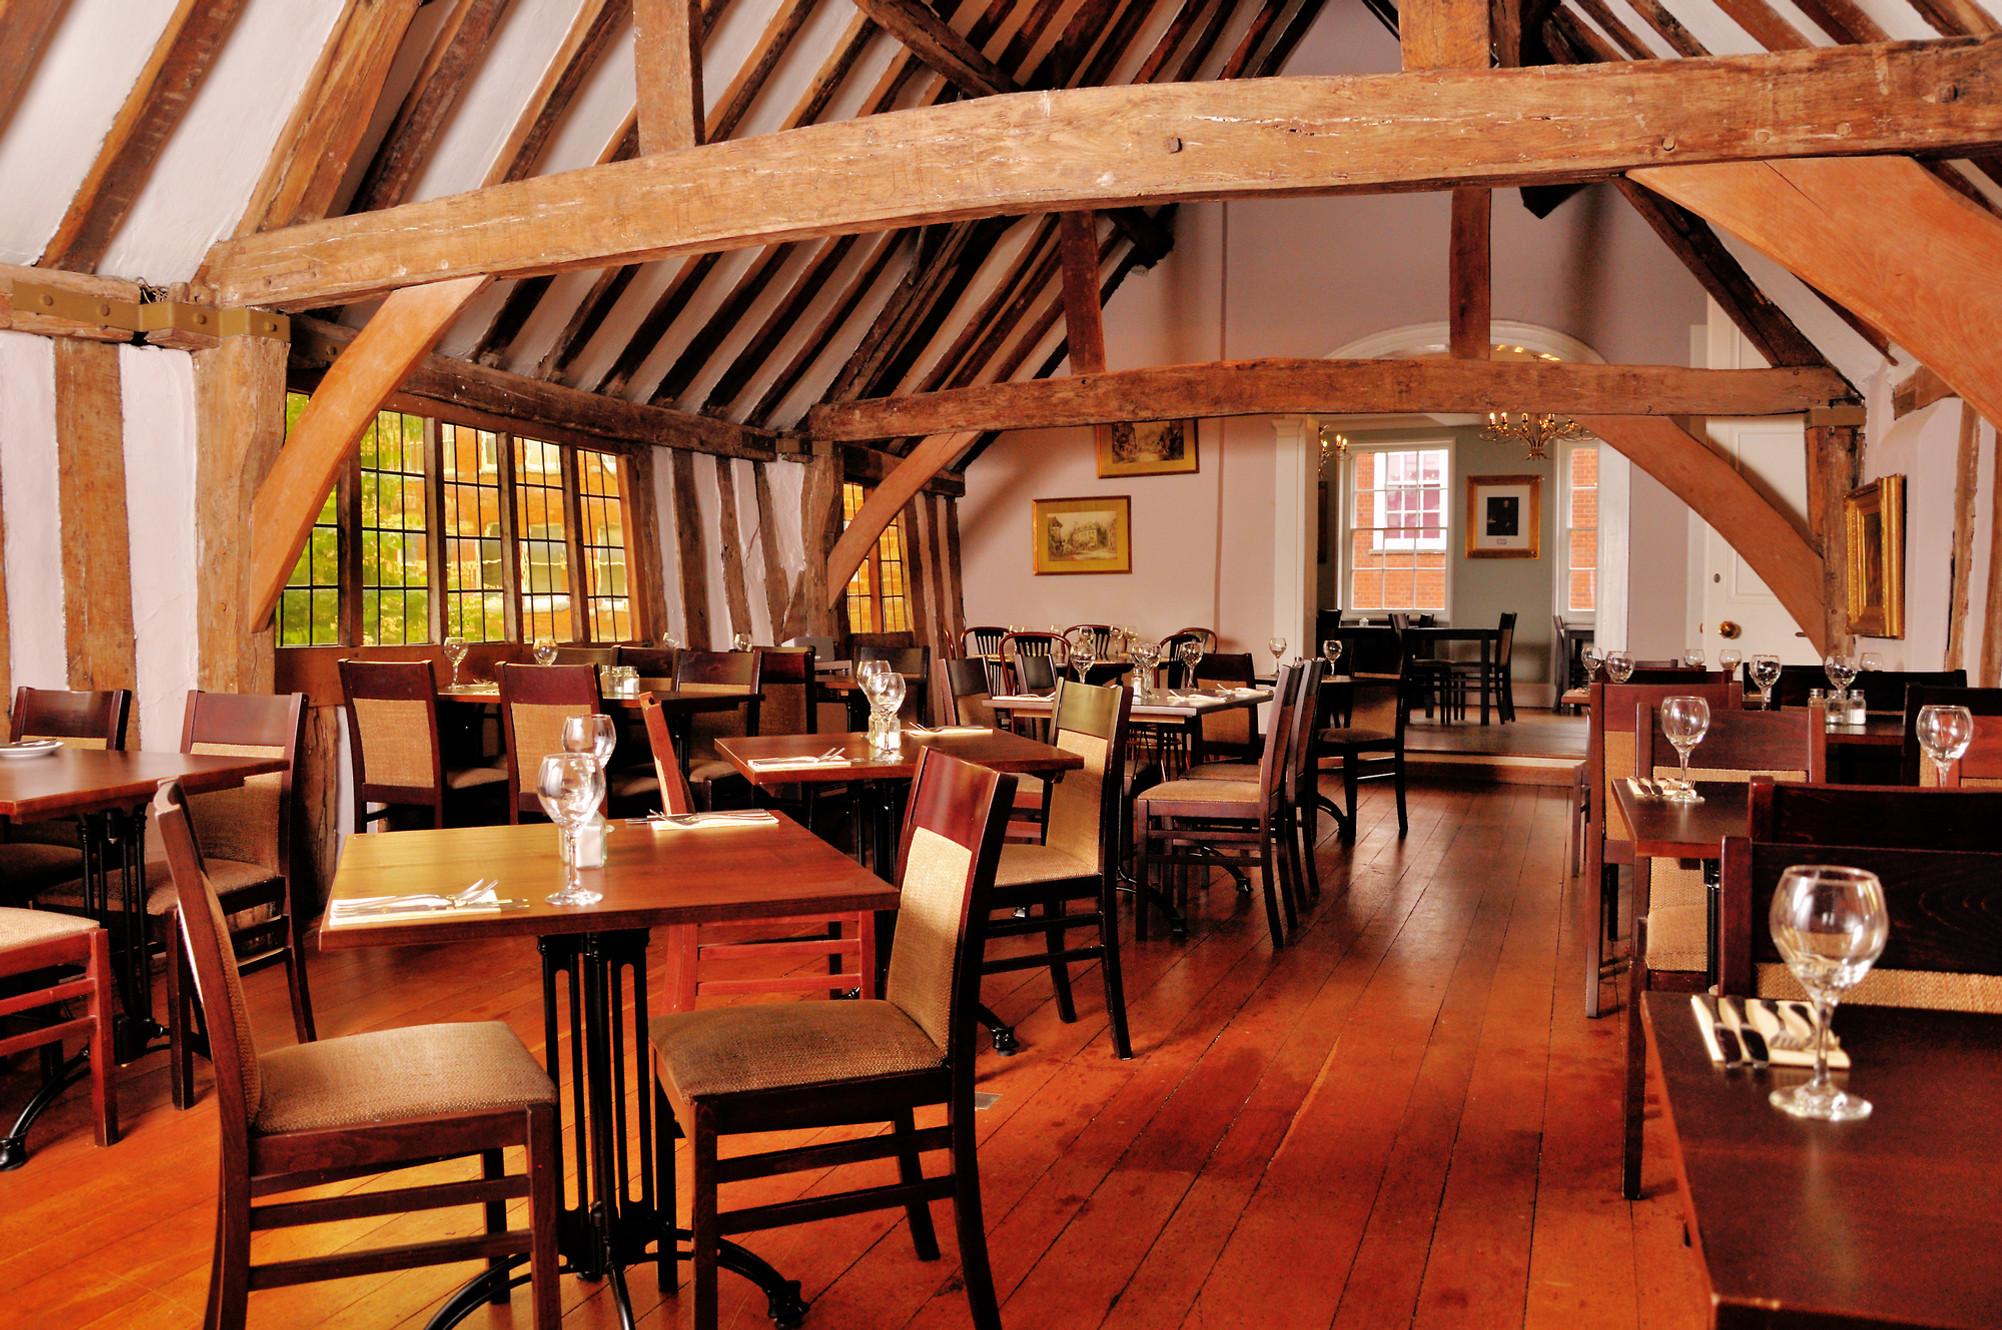 Wygstons House Bar And Restaurant Leicester